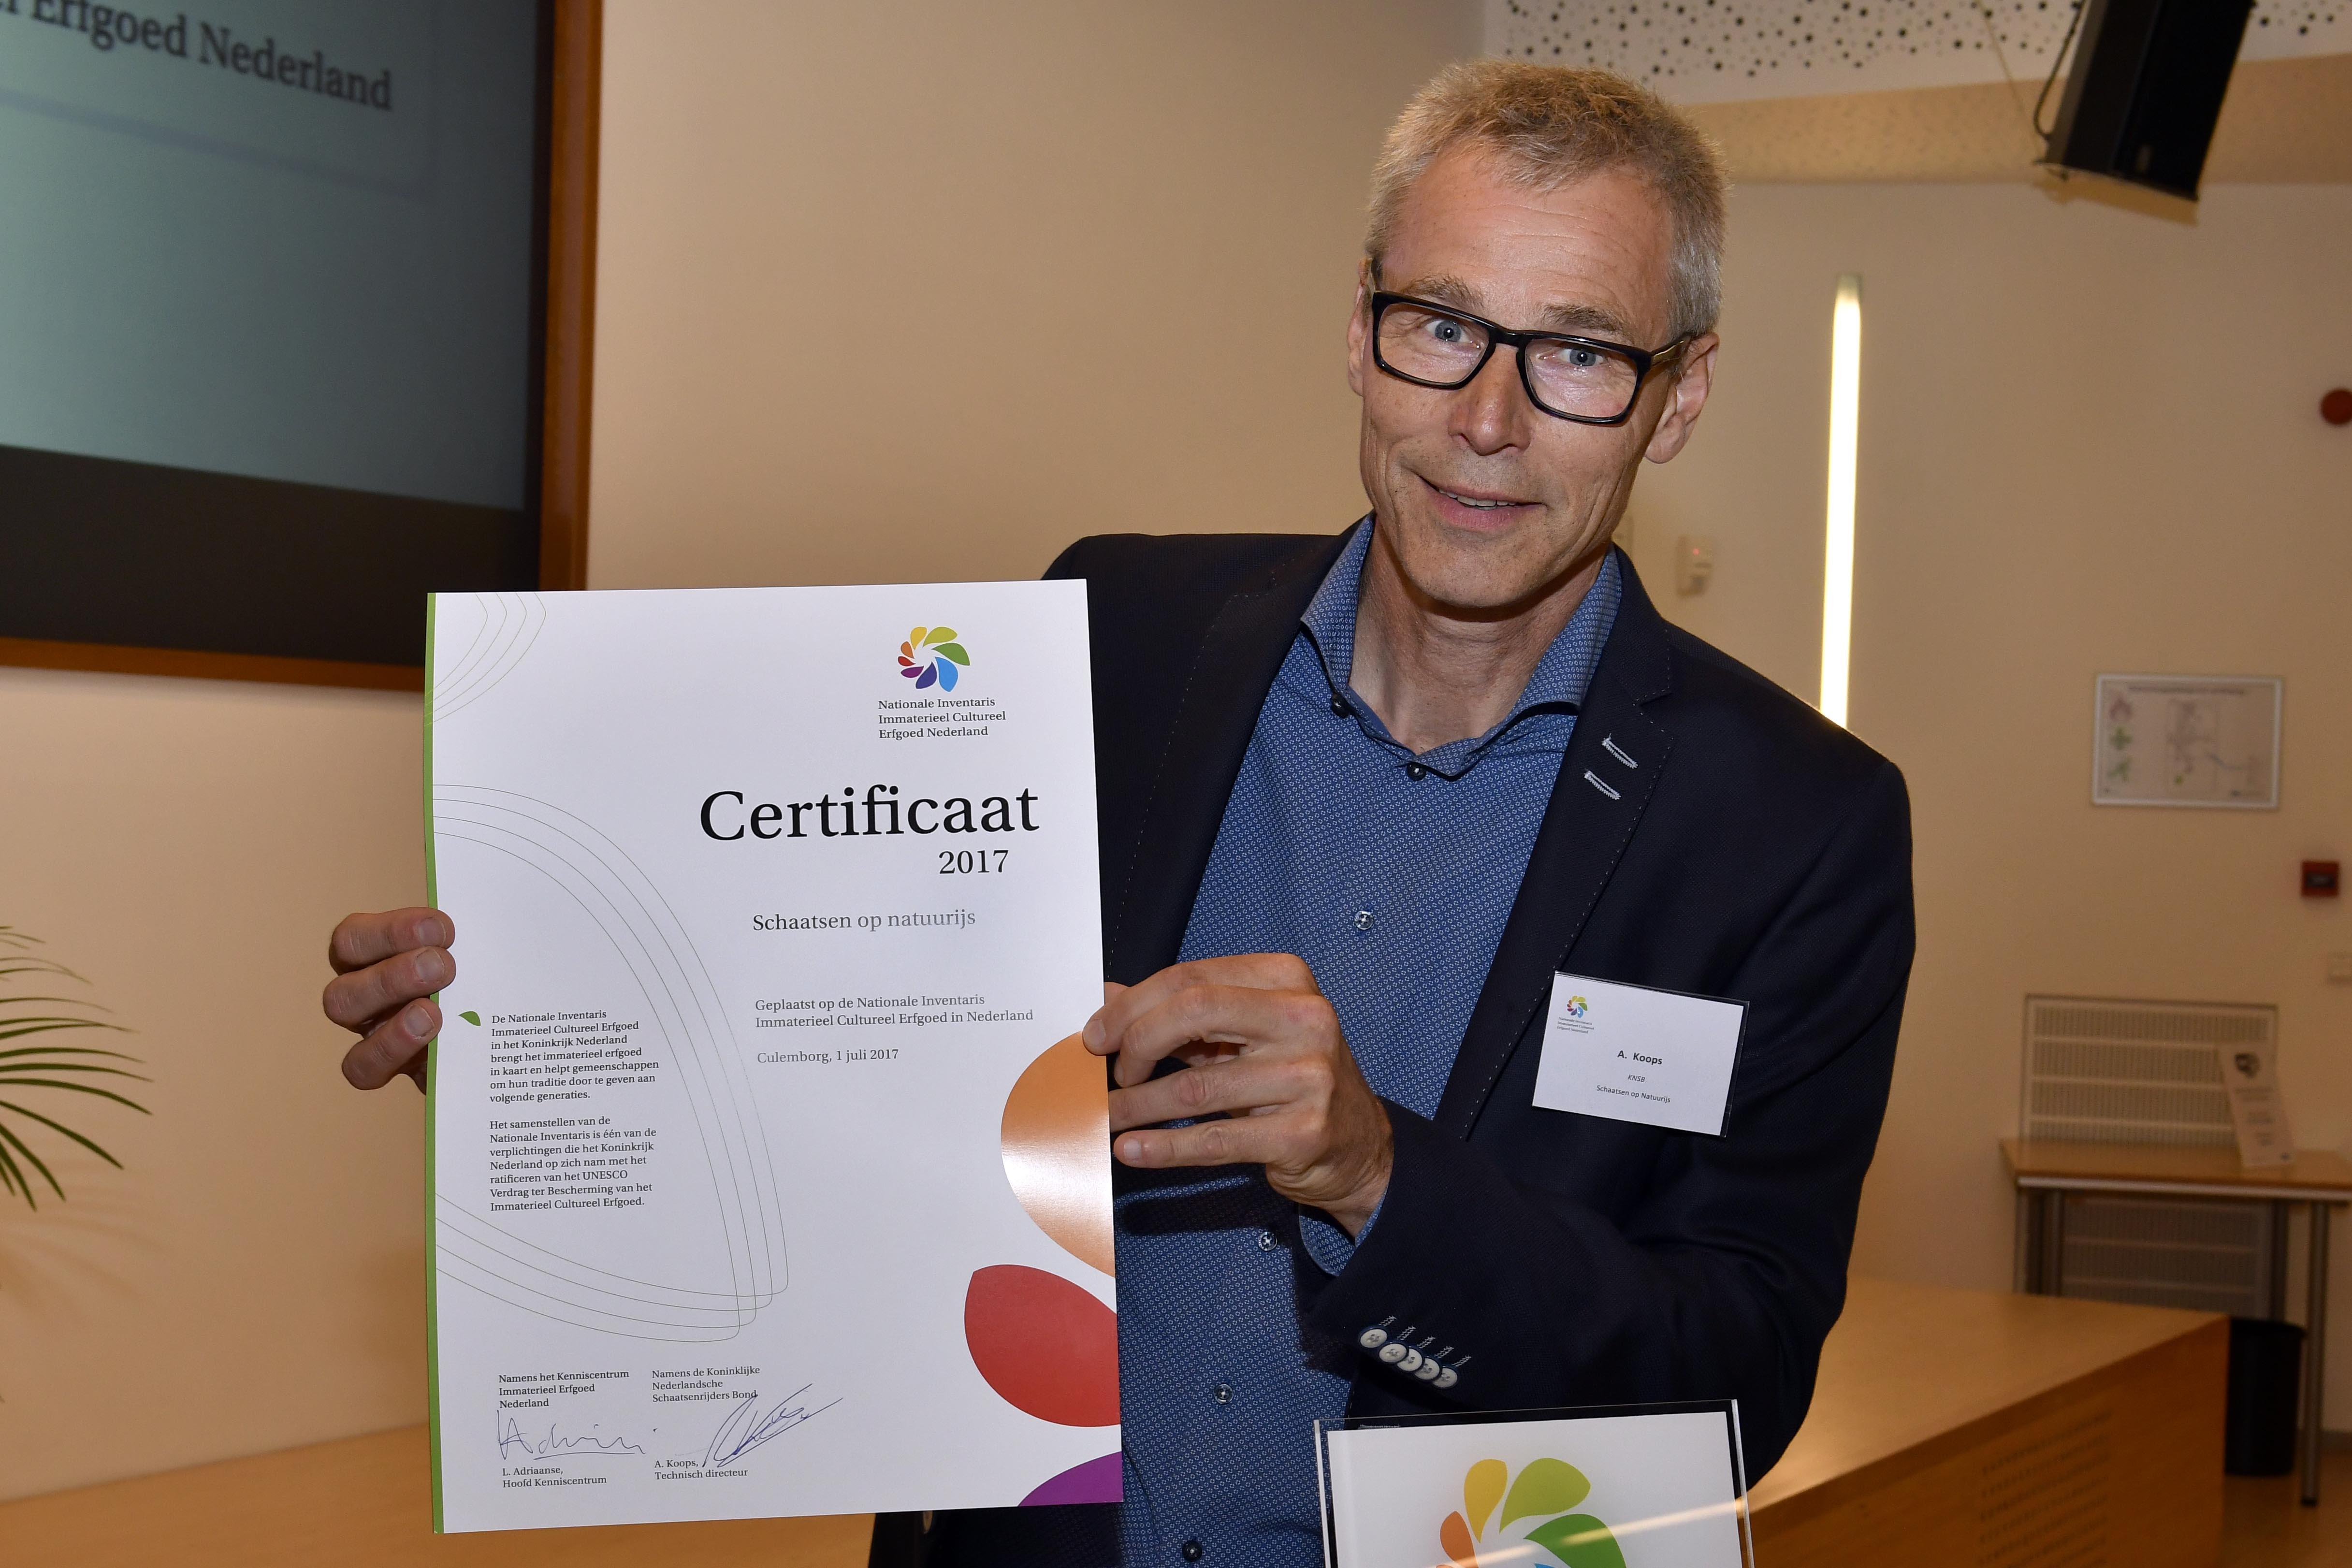 Arie Koops Certificaat